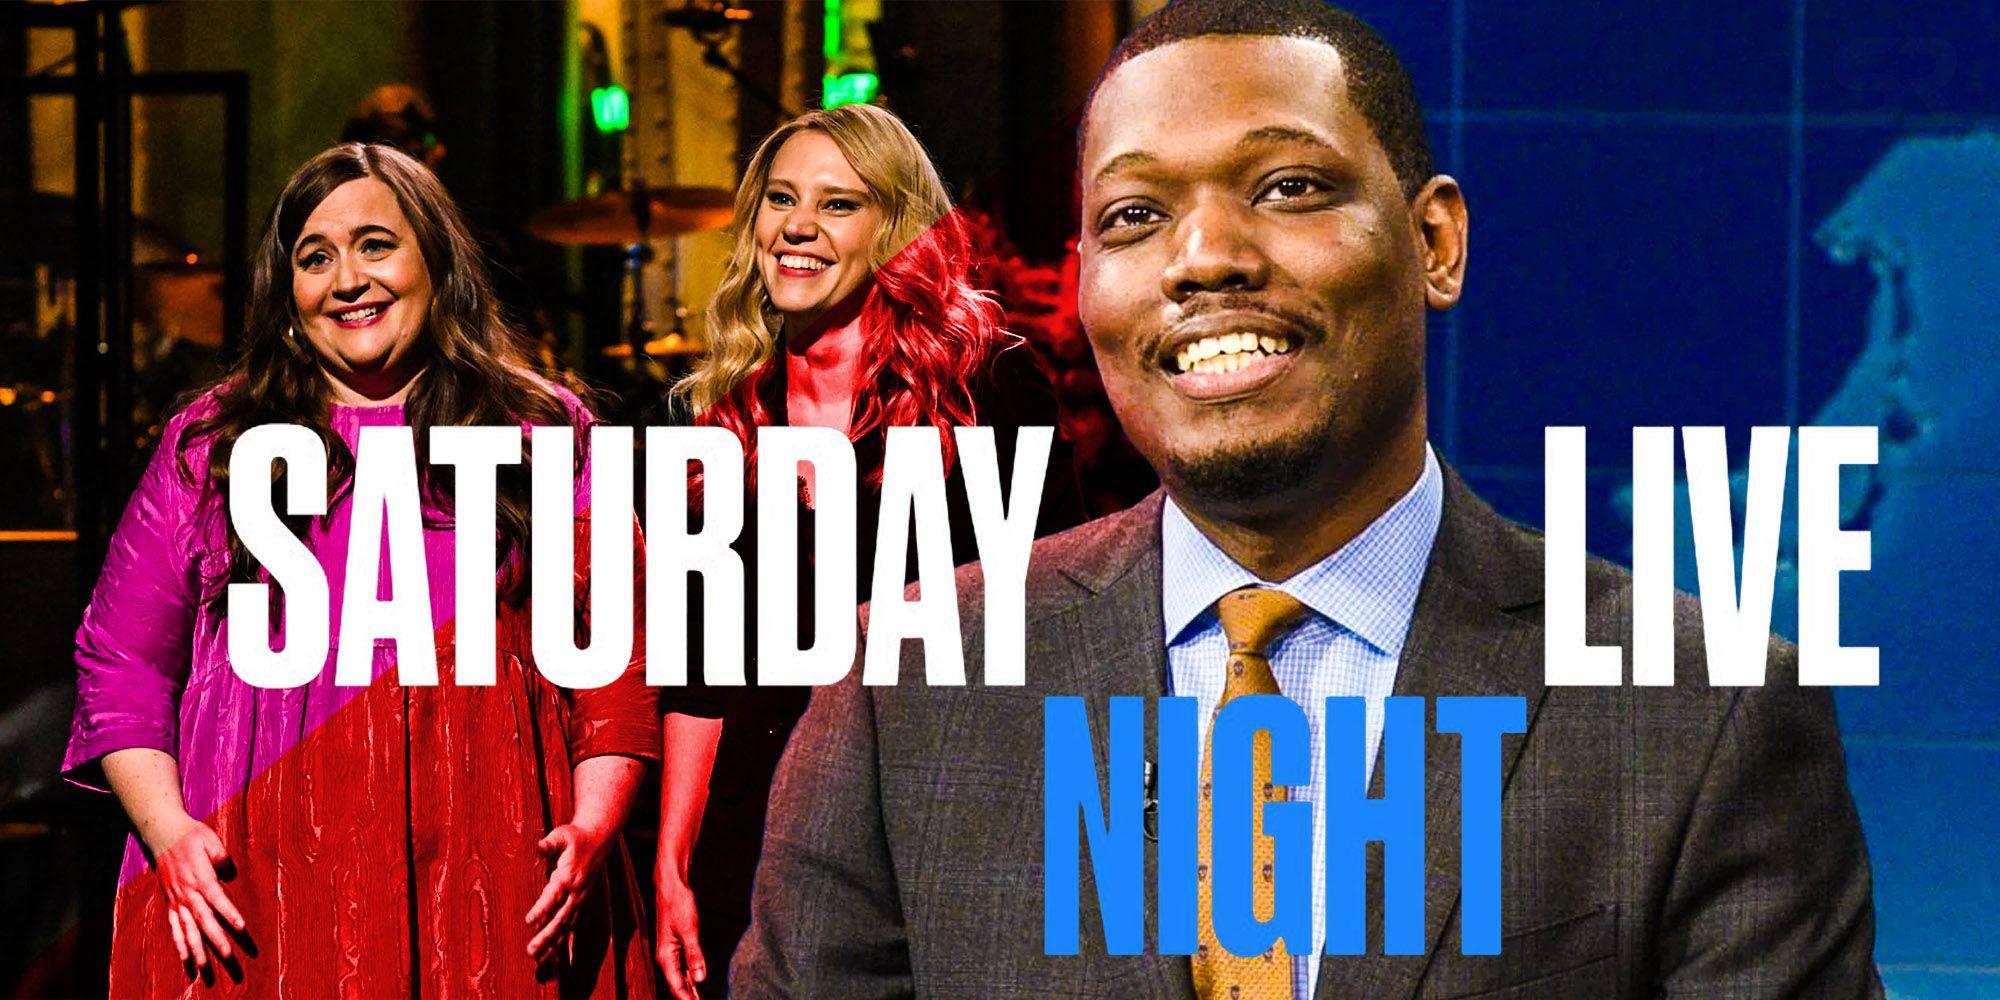 SNL Season 47 Release Date